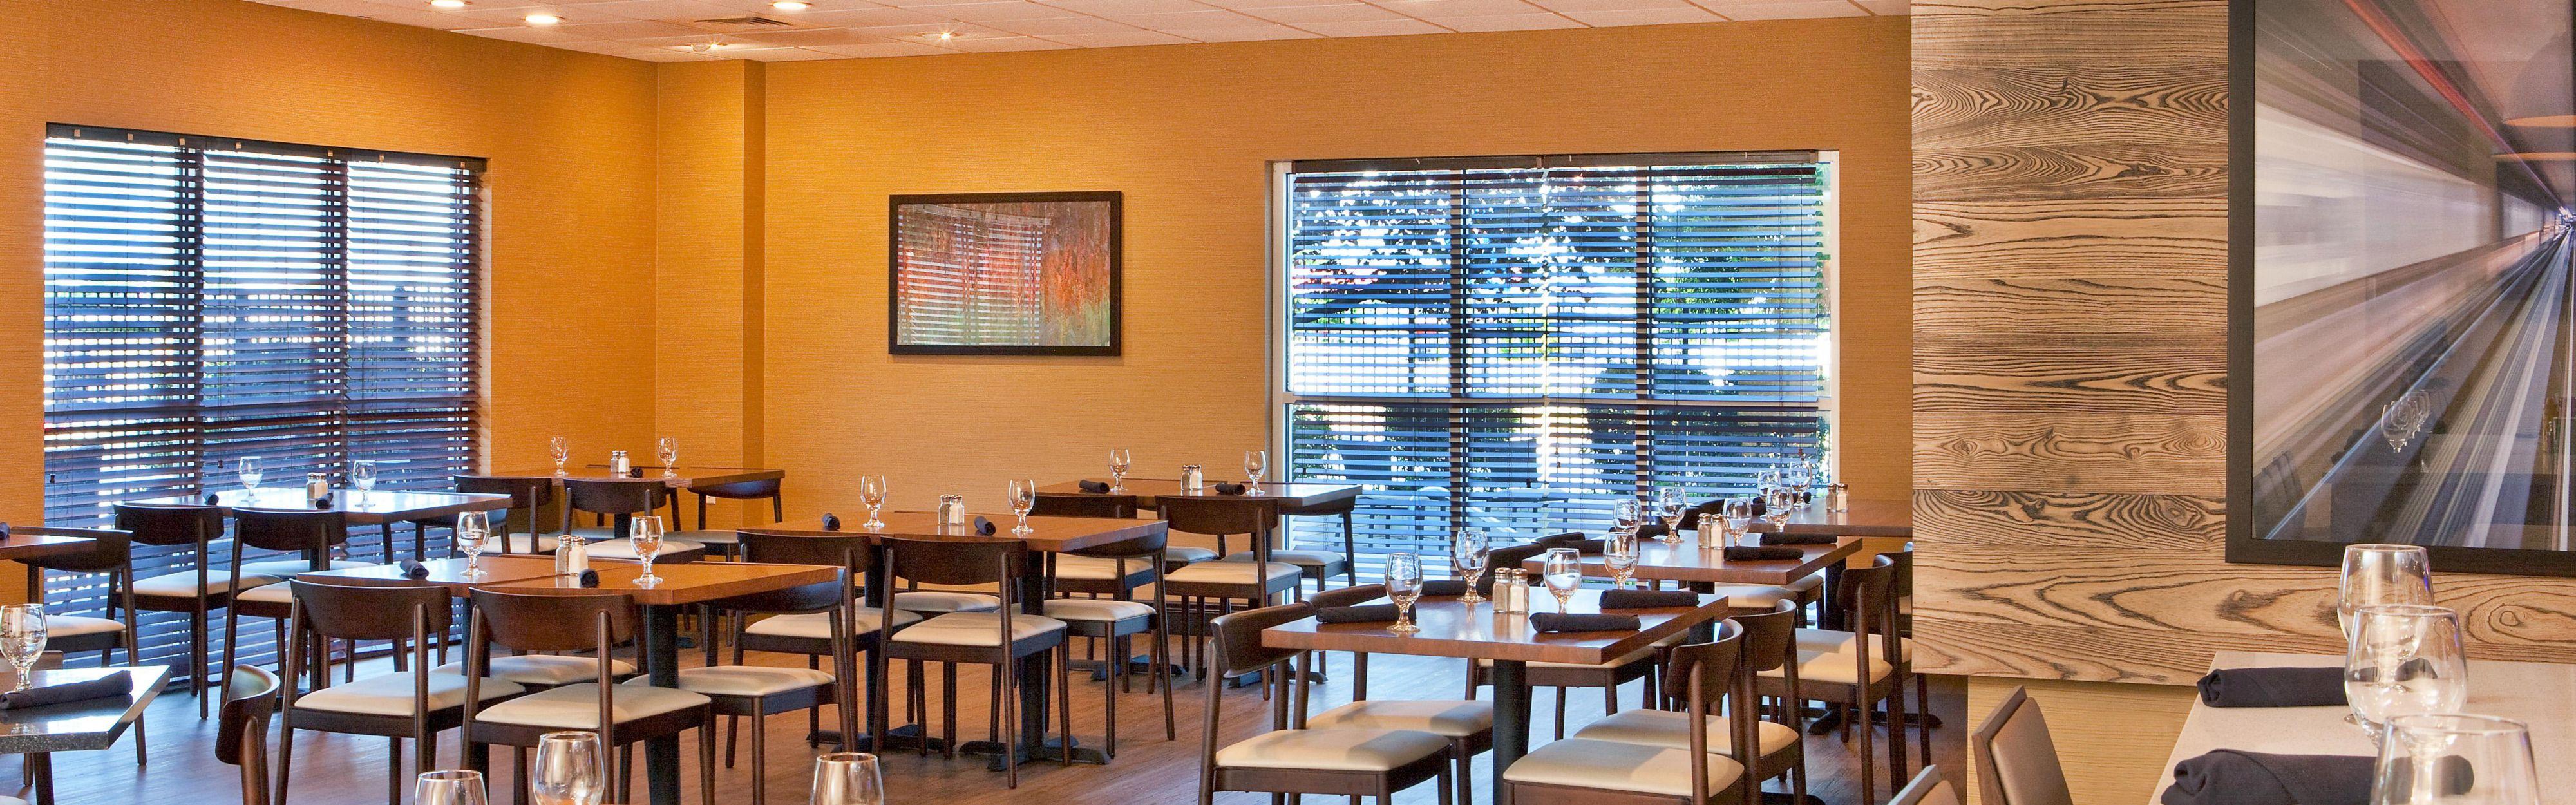 Holiday Inn Little Rock-Presidential-Dwntn image 3